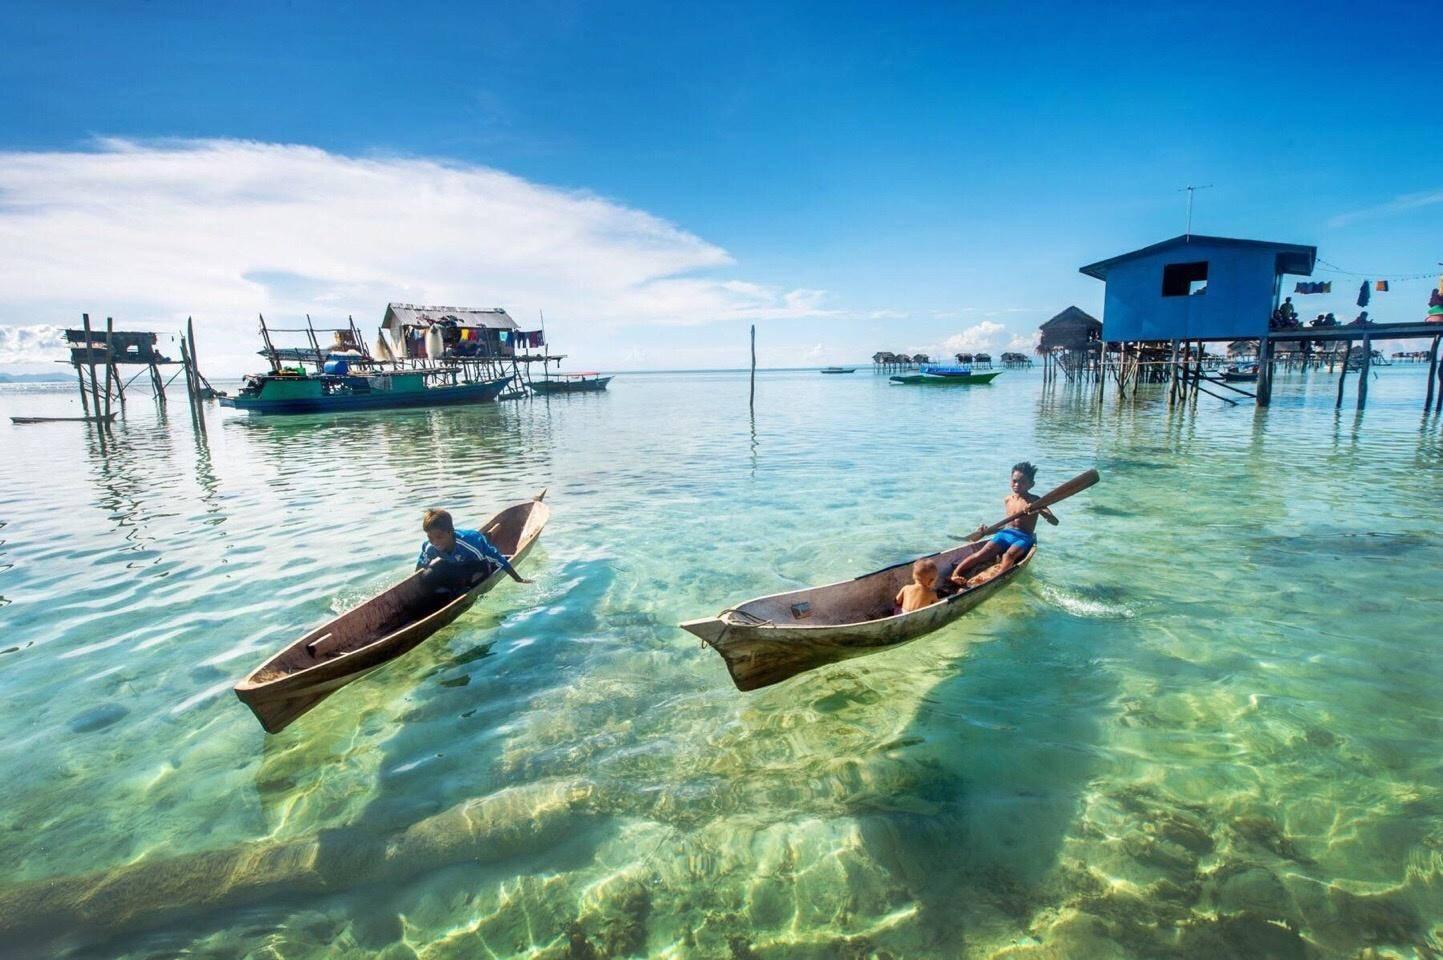 亚洲旅游地最佳时间表,在对的时间,去对的地方